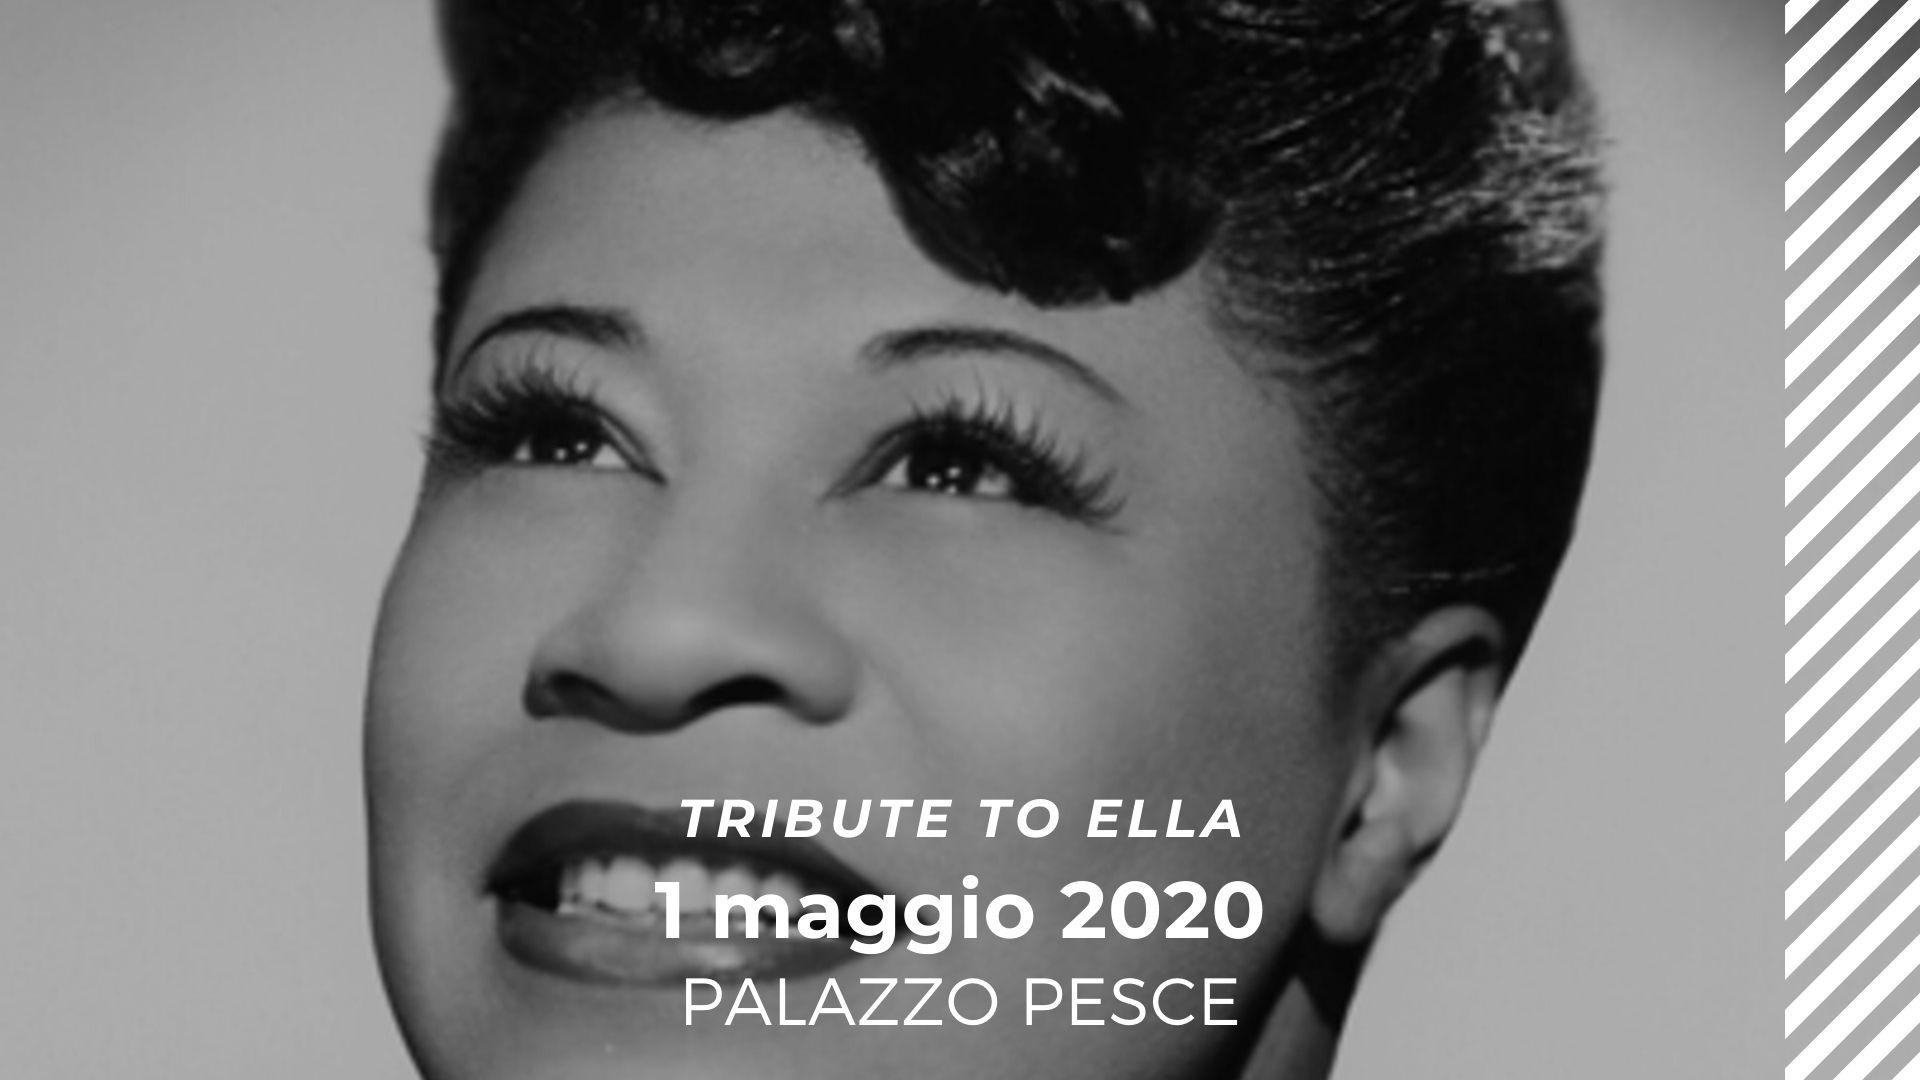 1 maggio 2020 Omaggio a Ella Fitzgerald a Palazzo Pesce